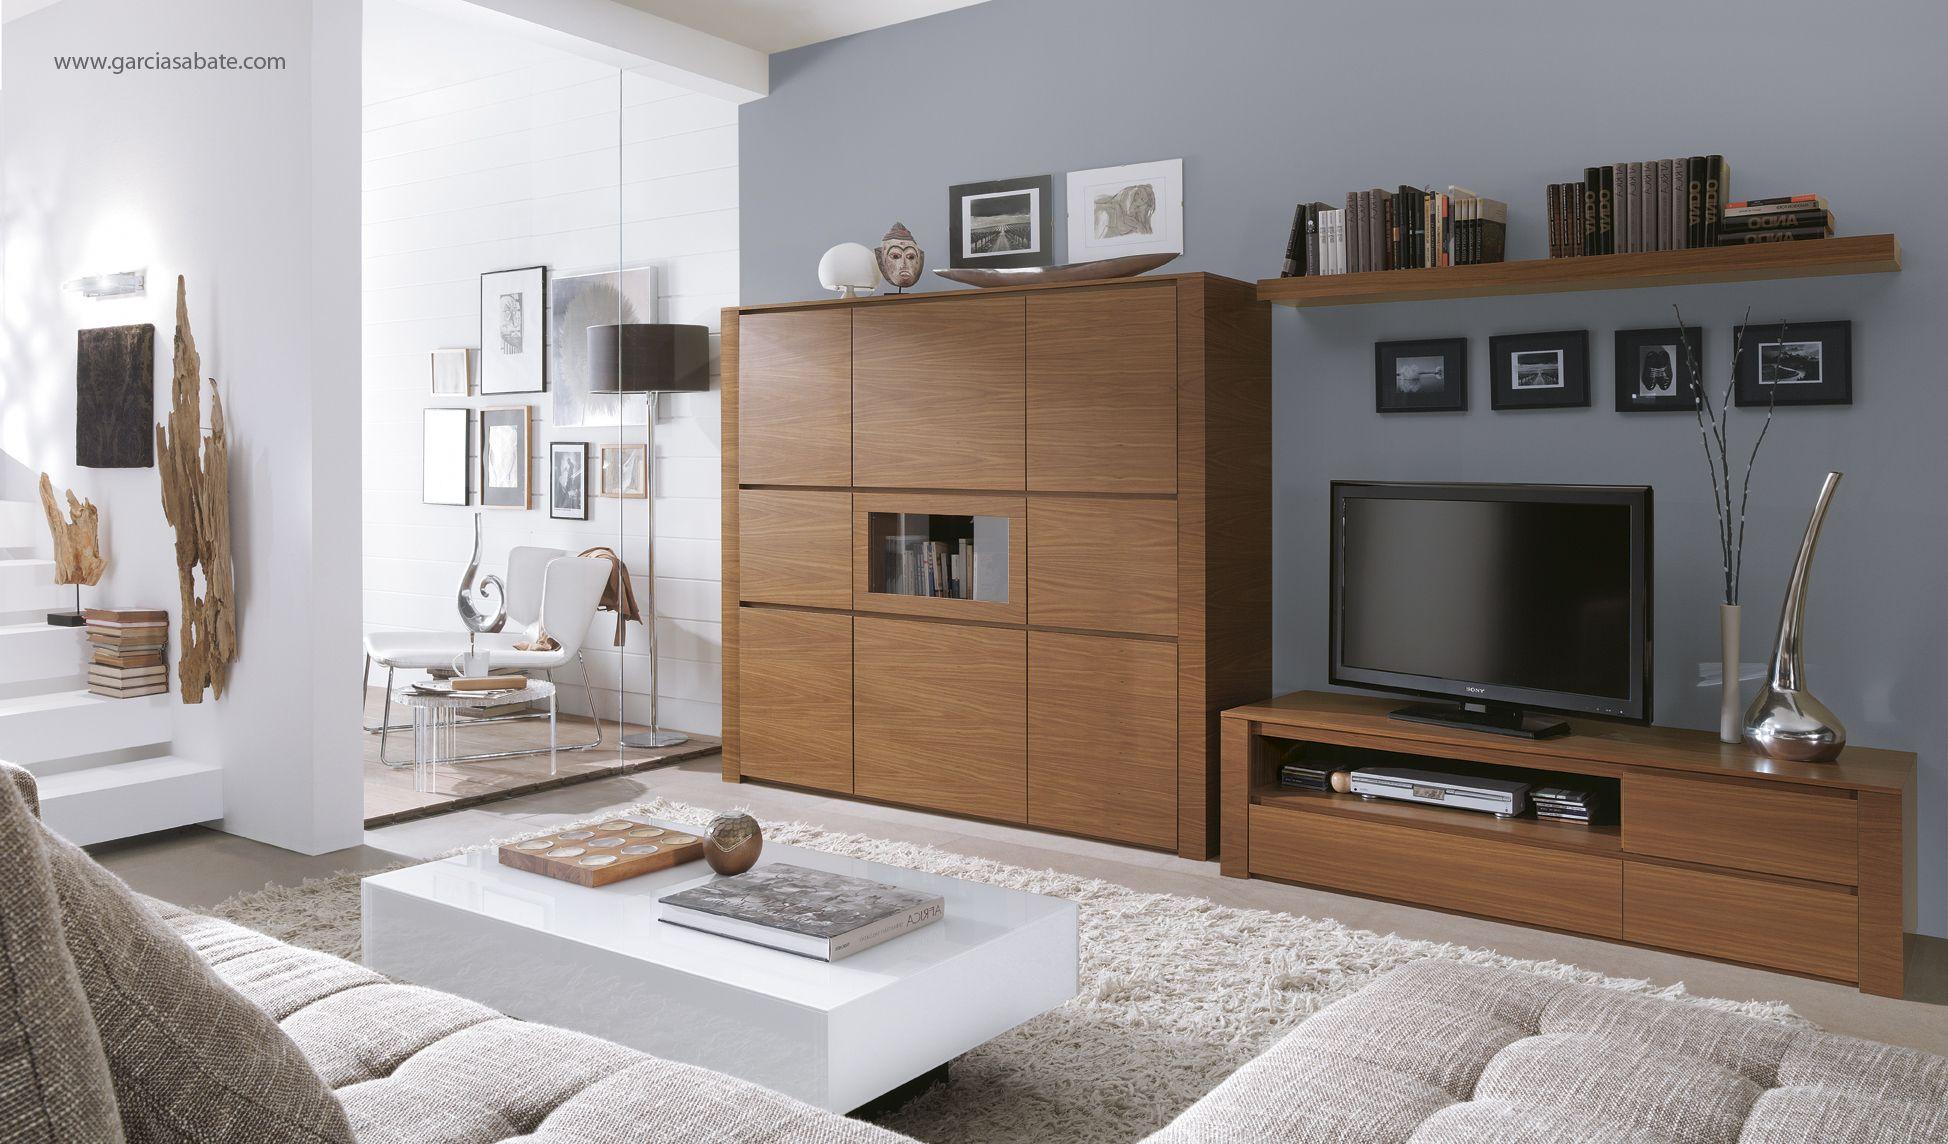 muebles que combinan con el color grafito de las paredes